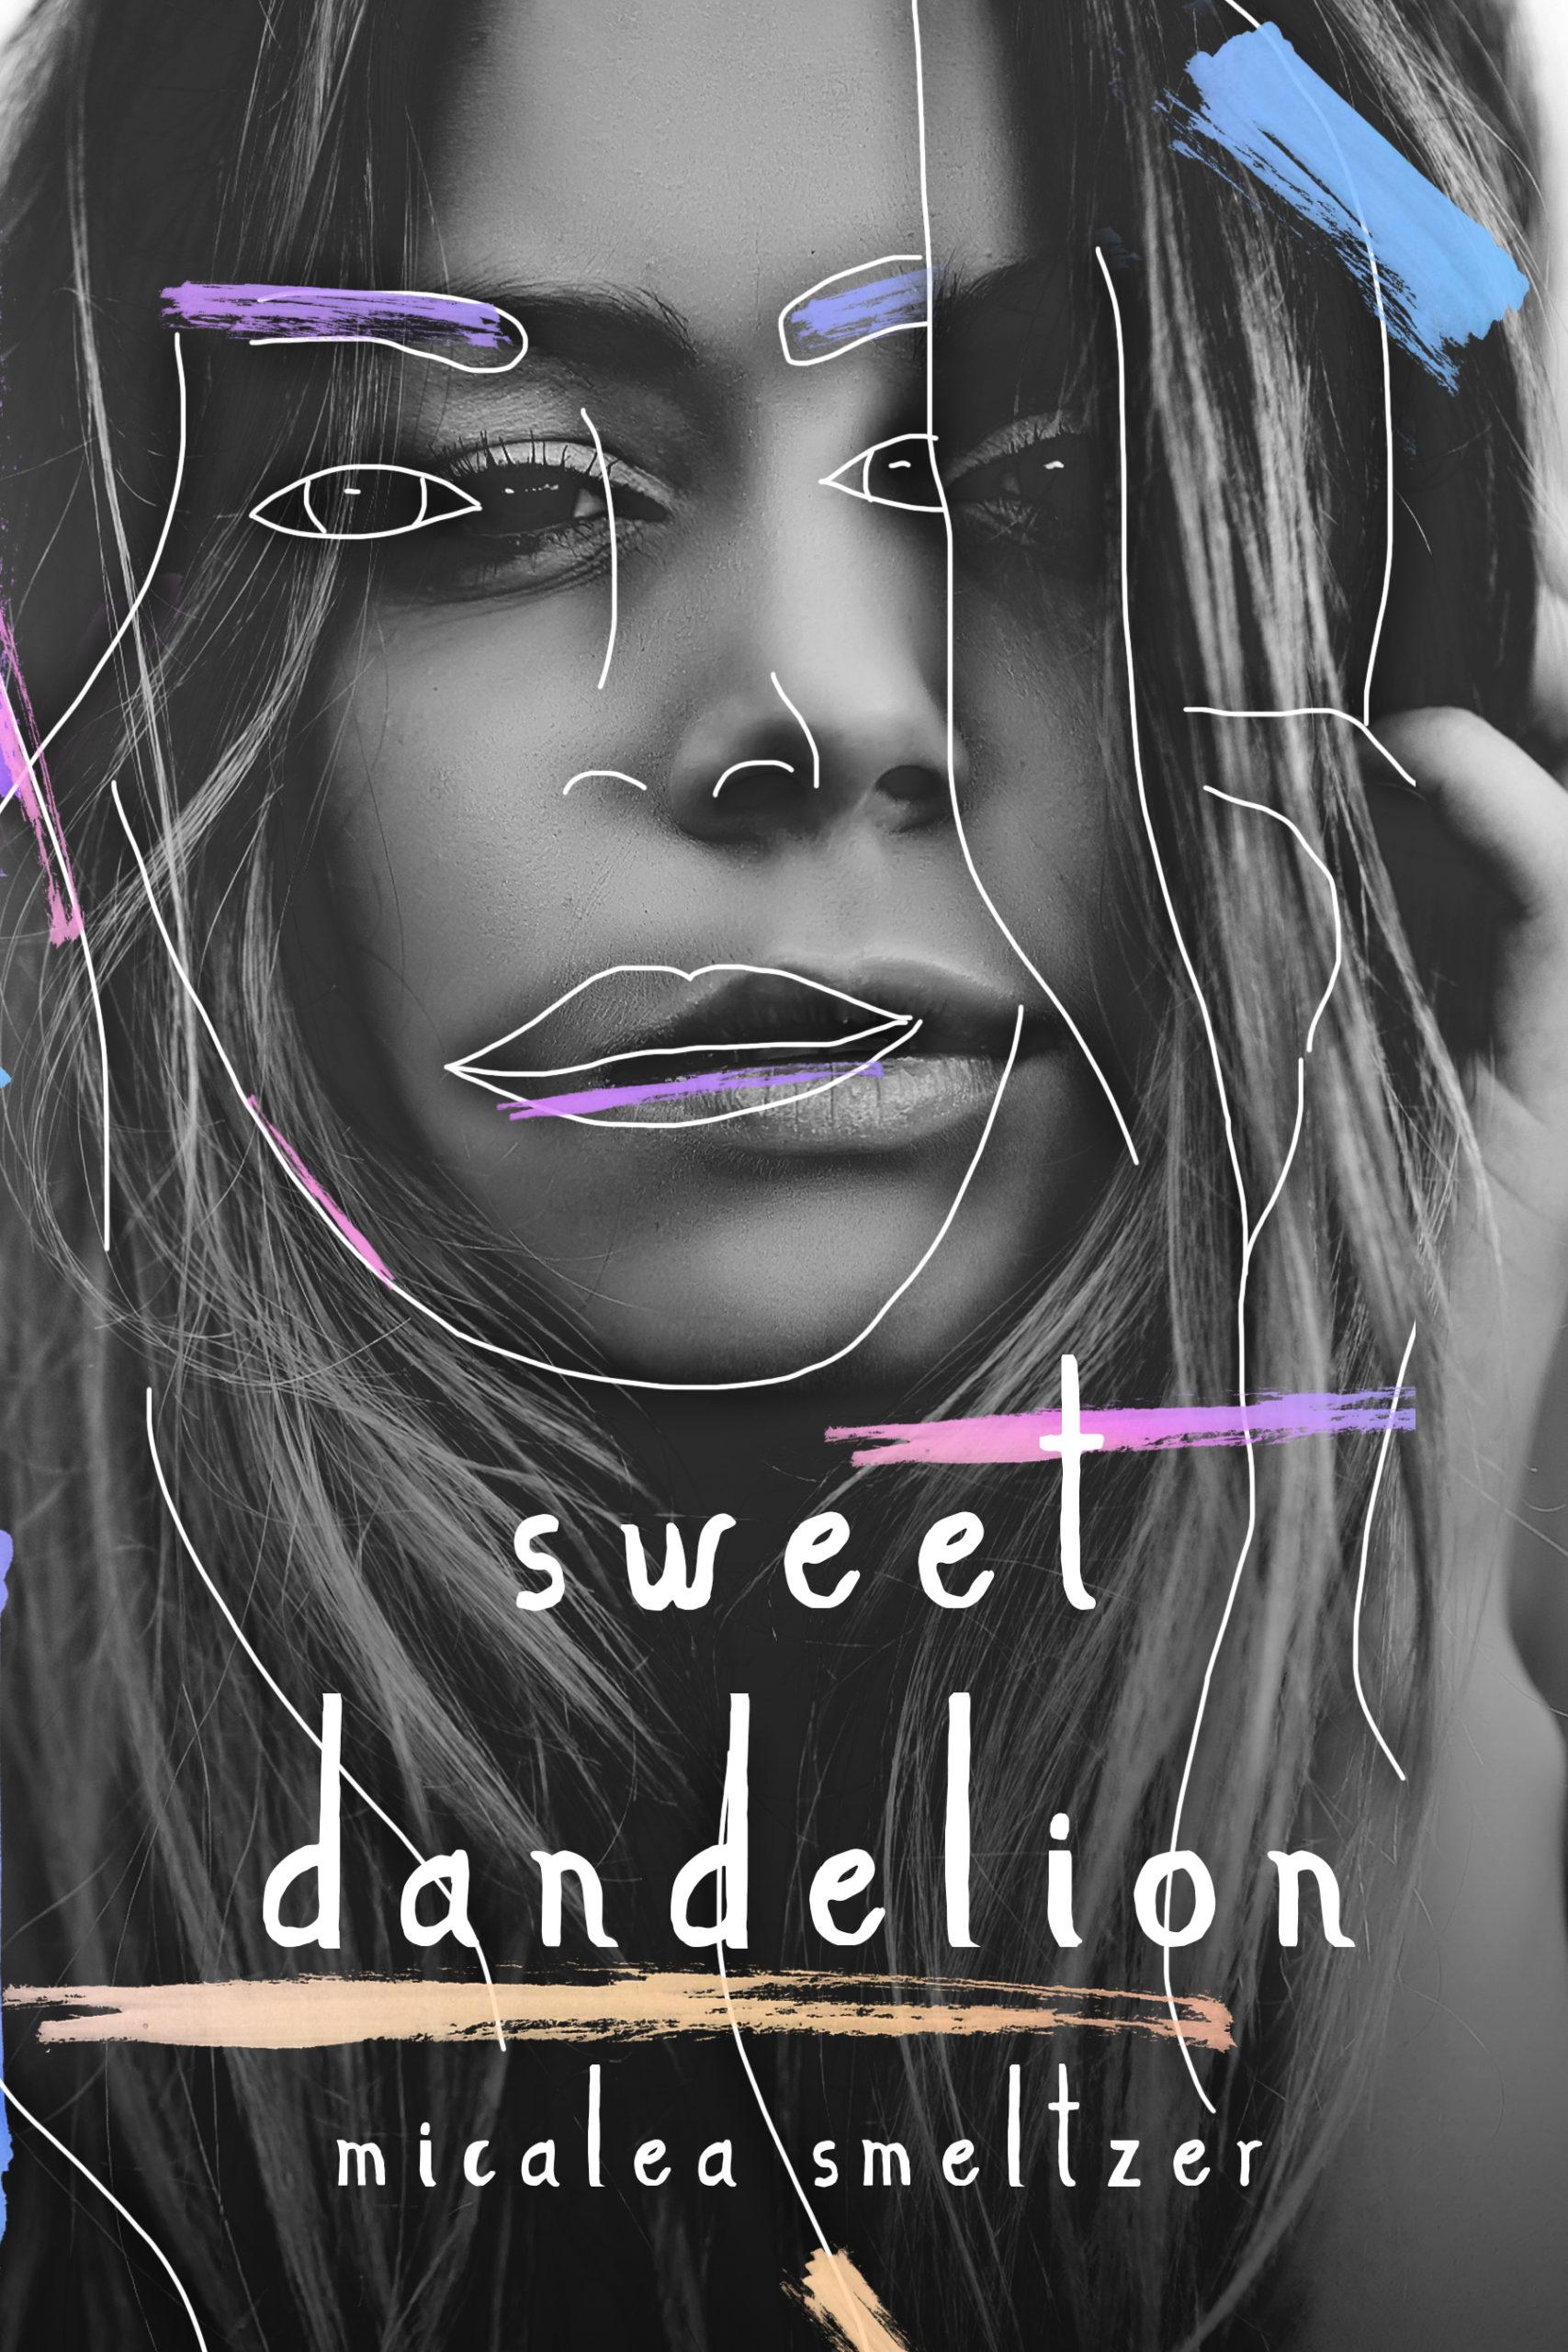 Sweet_Dandelion